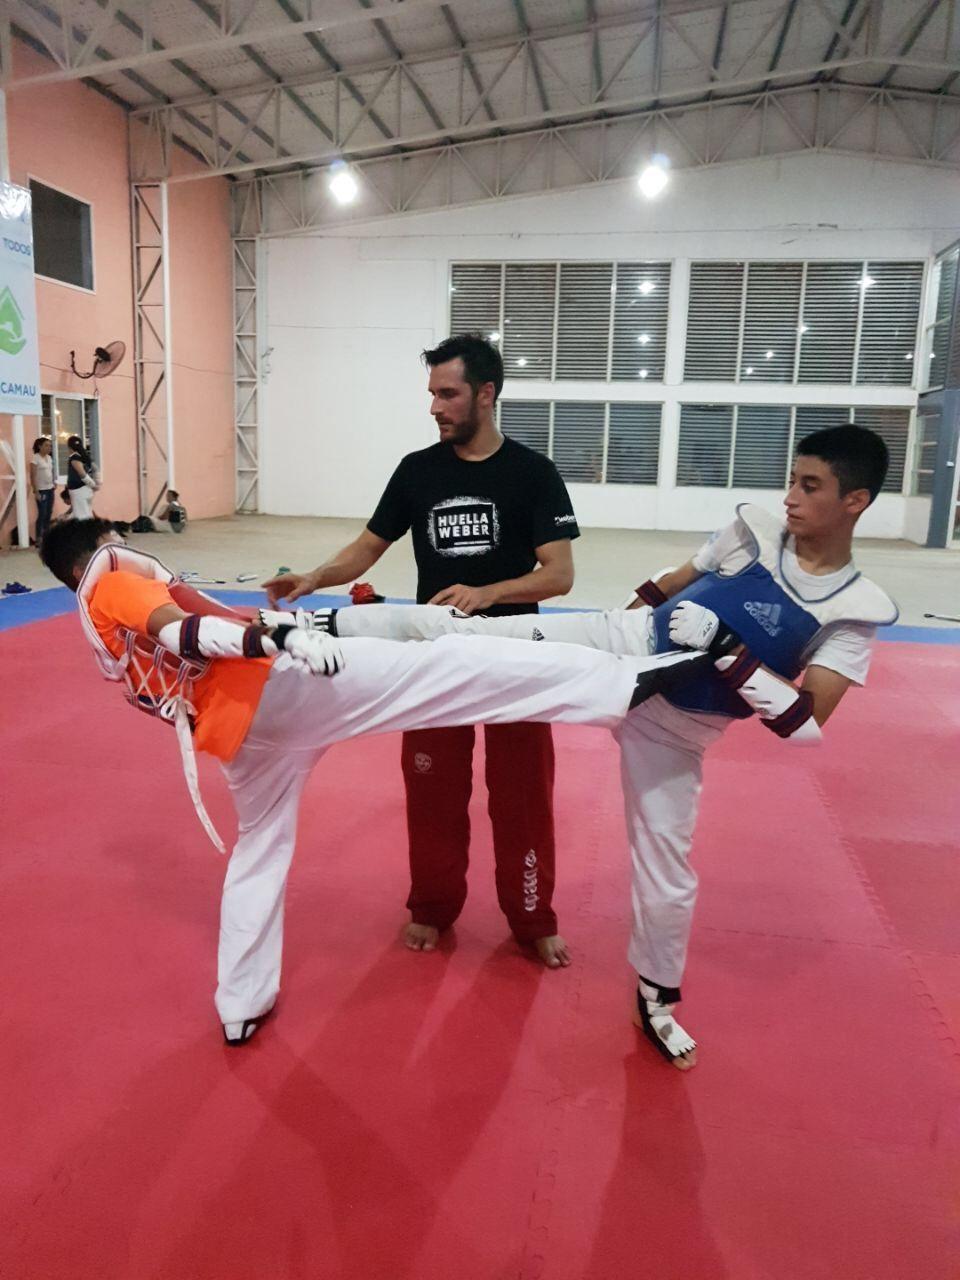 Ganó el oro olímpico y ahora persigue otro objetivo: la nueva vida de Sebastián Crismanich